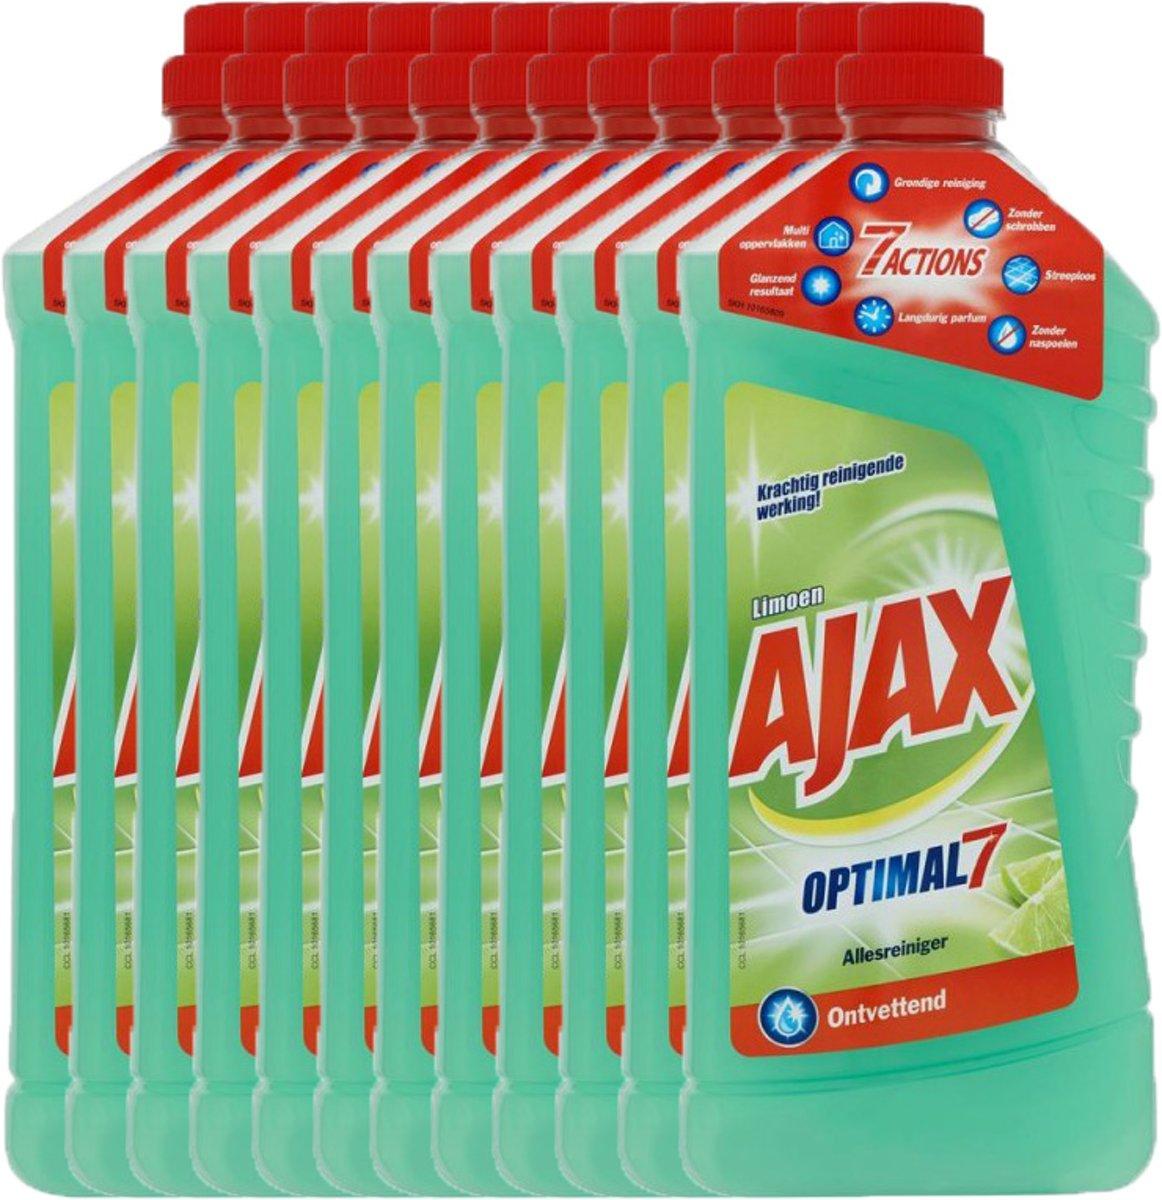 Ajax Allesreiniger - Limoen - 12 x 1,25l - Voordeelverpakking